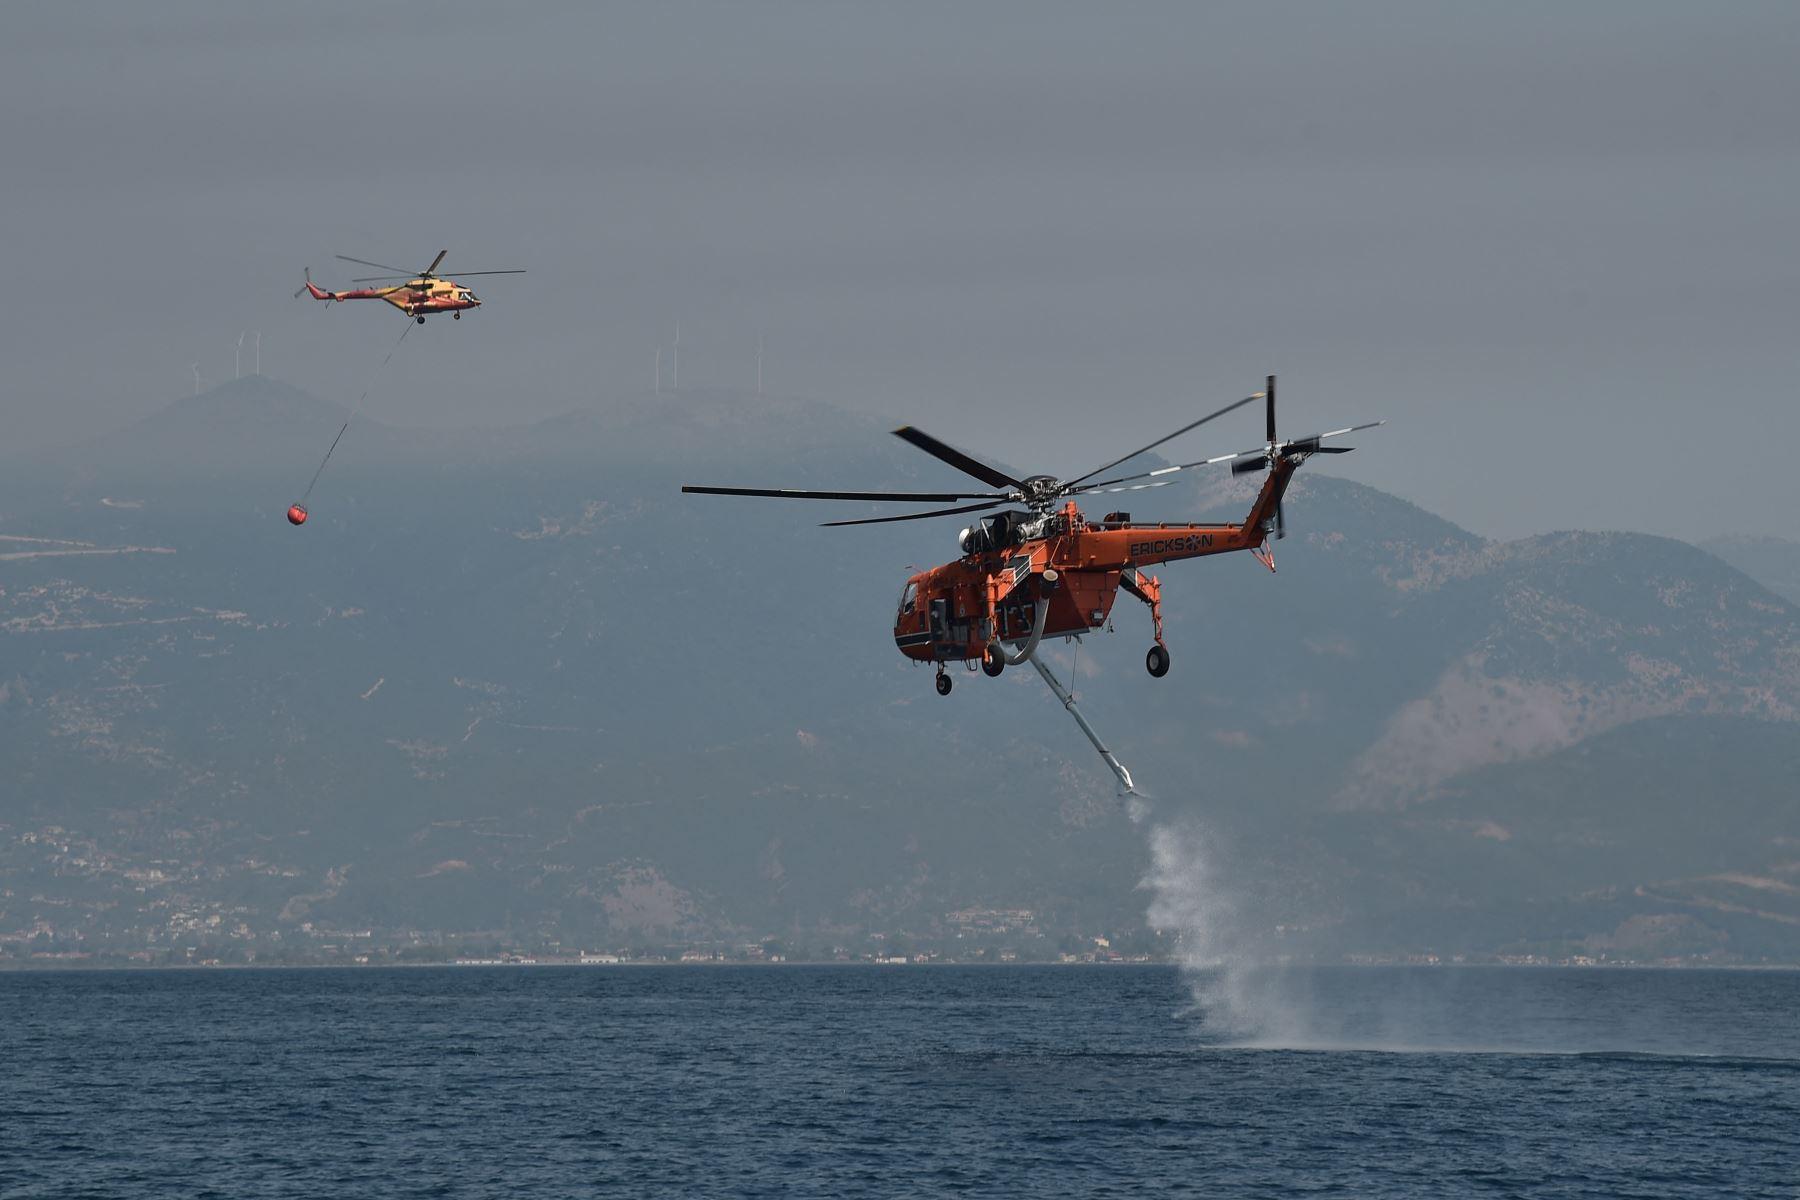 Un helicóptero Sikorsky S-64 Skycrane se llena de agua mientras lucha contra incendios cerca de la playa Lambiri en Patras en Grecia. Foto: AFP